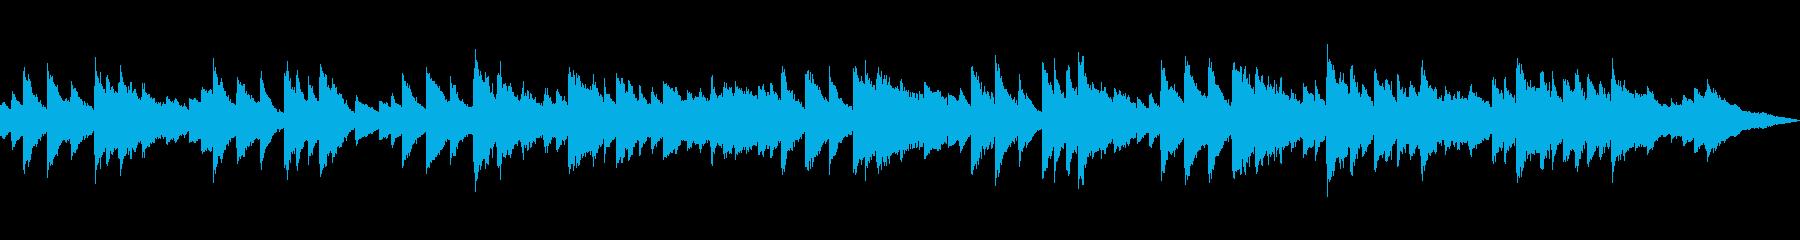 秋、紅葉に合うピアノ曲(サビのみループ)の再生済みの波形